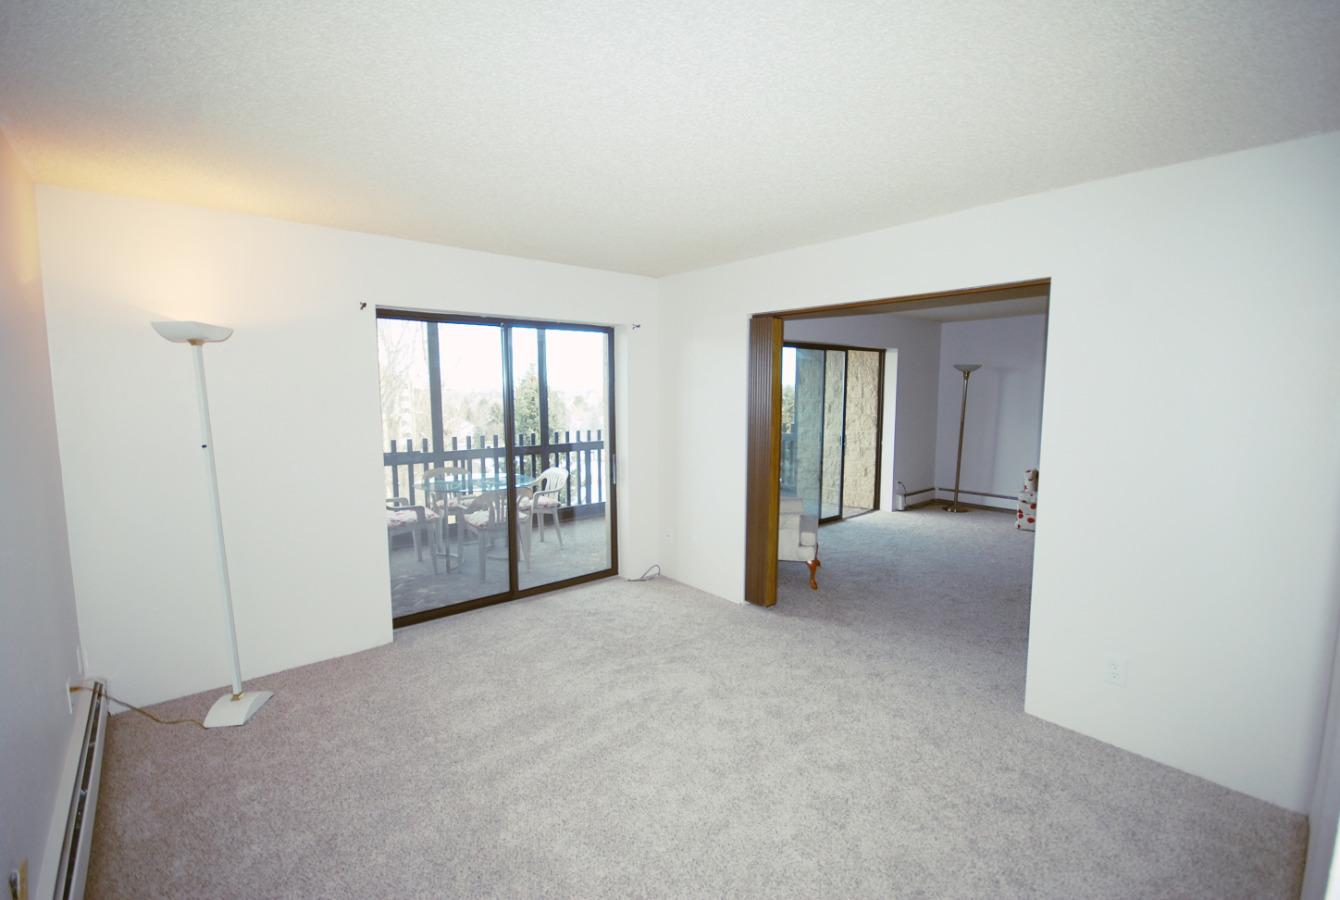 Den with sliding door to balcony